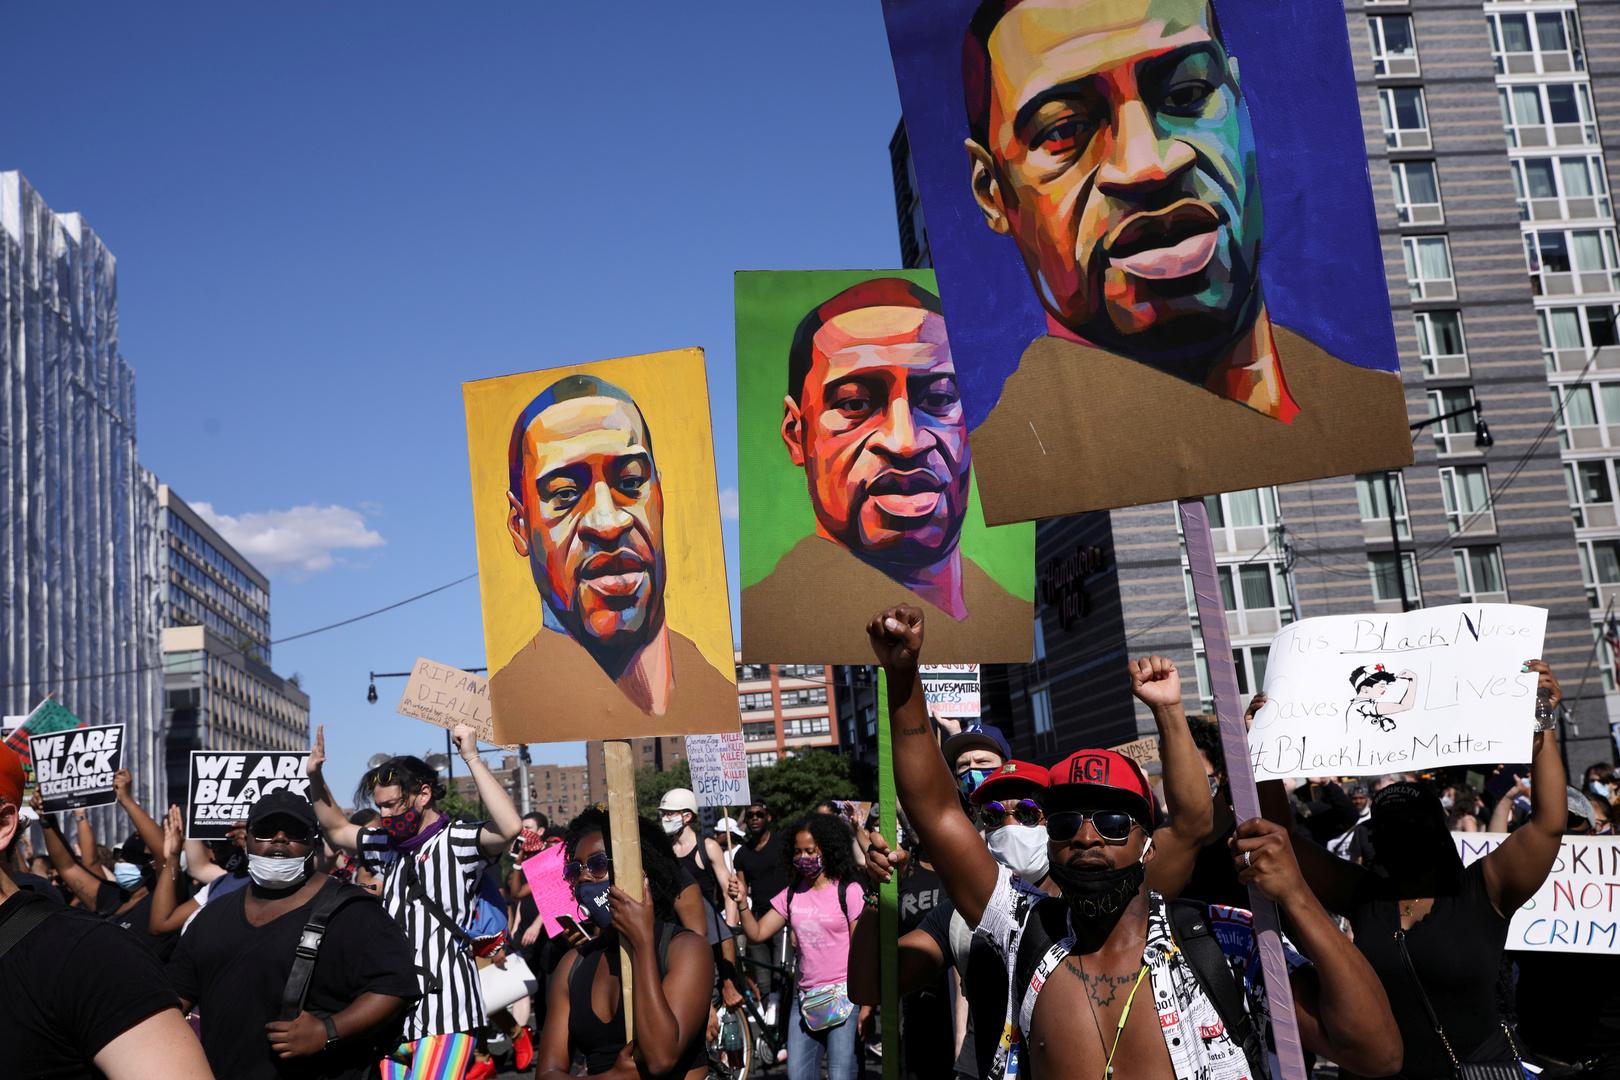 تظاهرات تطالب بالعدالة لجورج فلويد، 5-3-2021